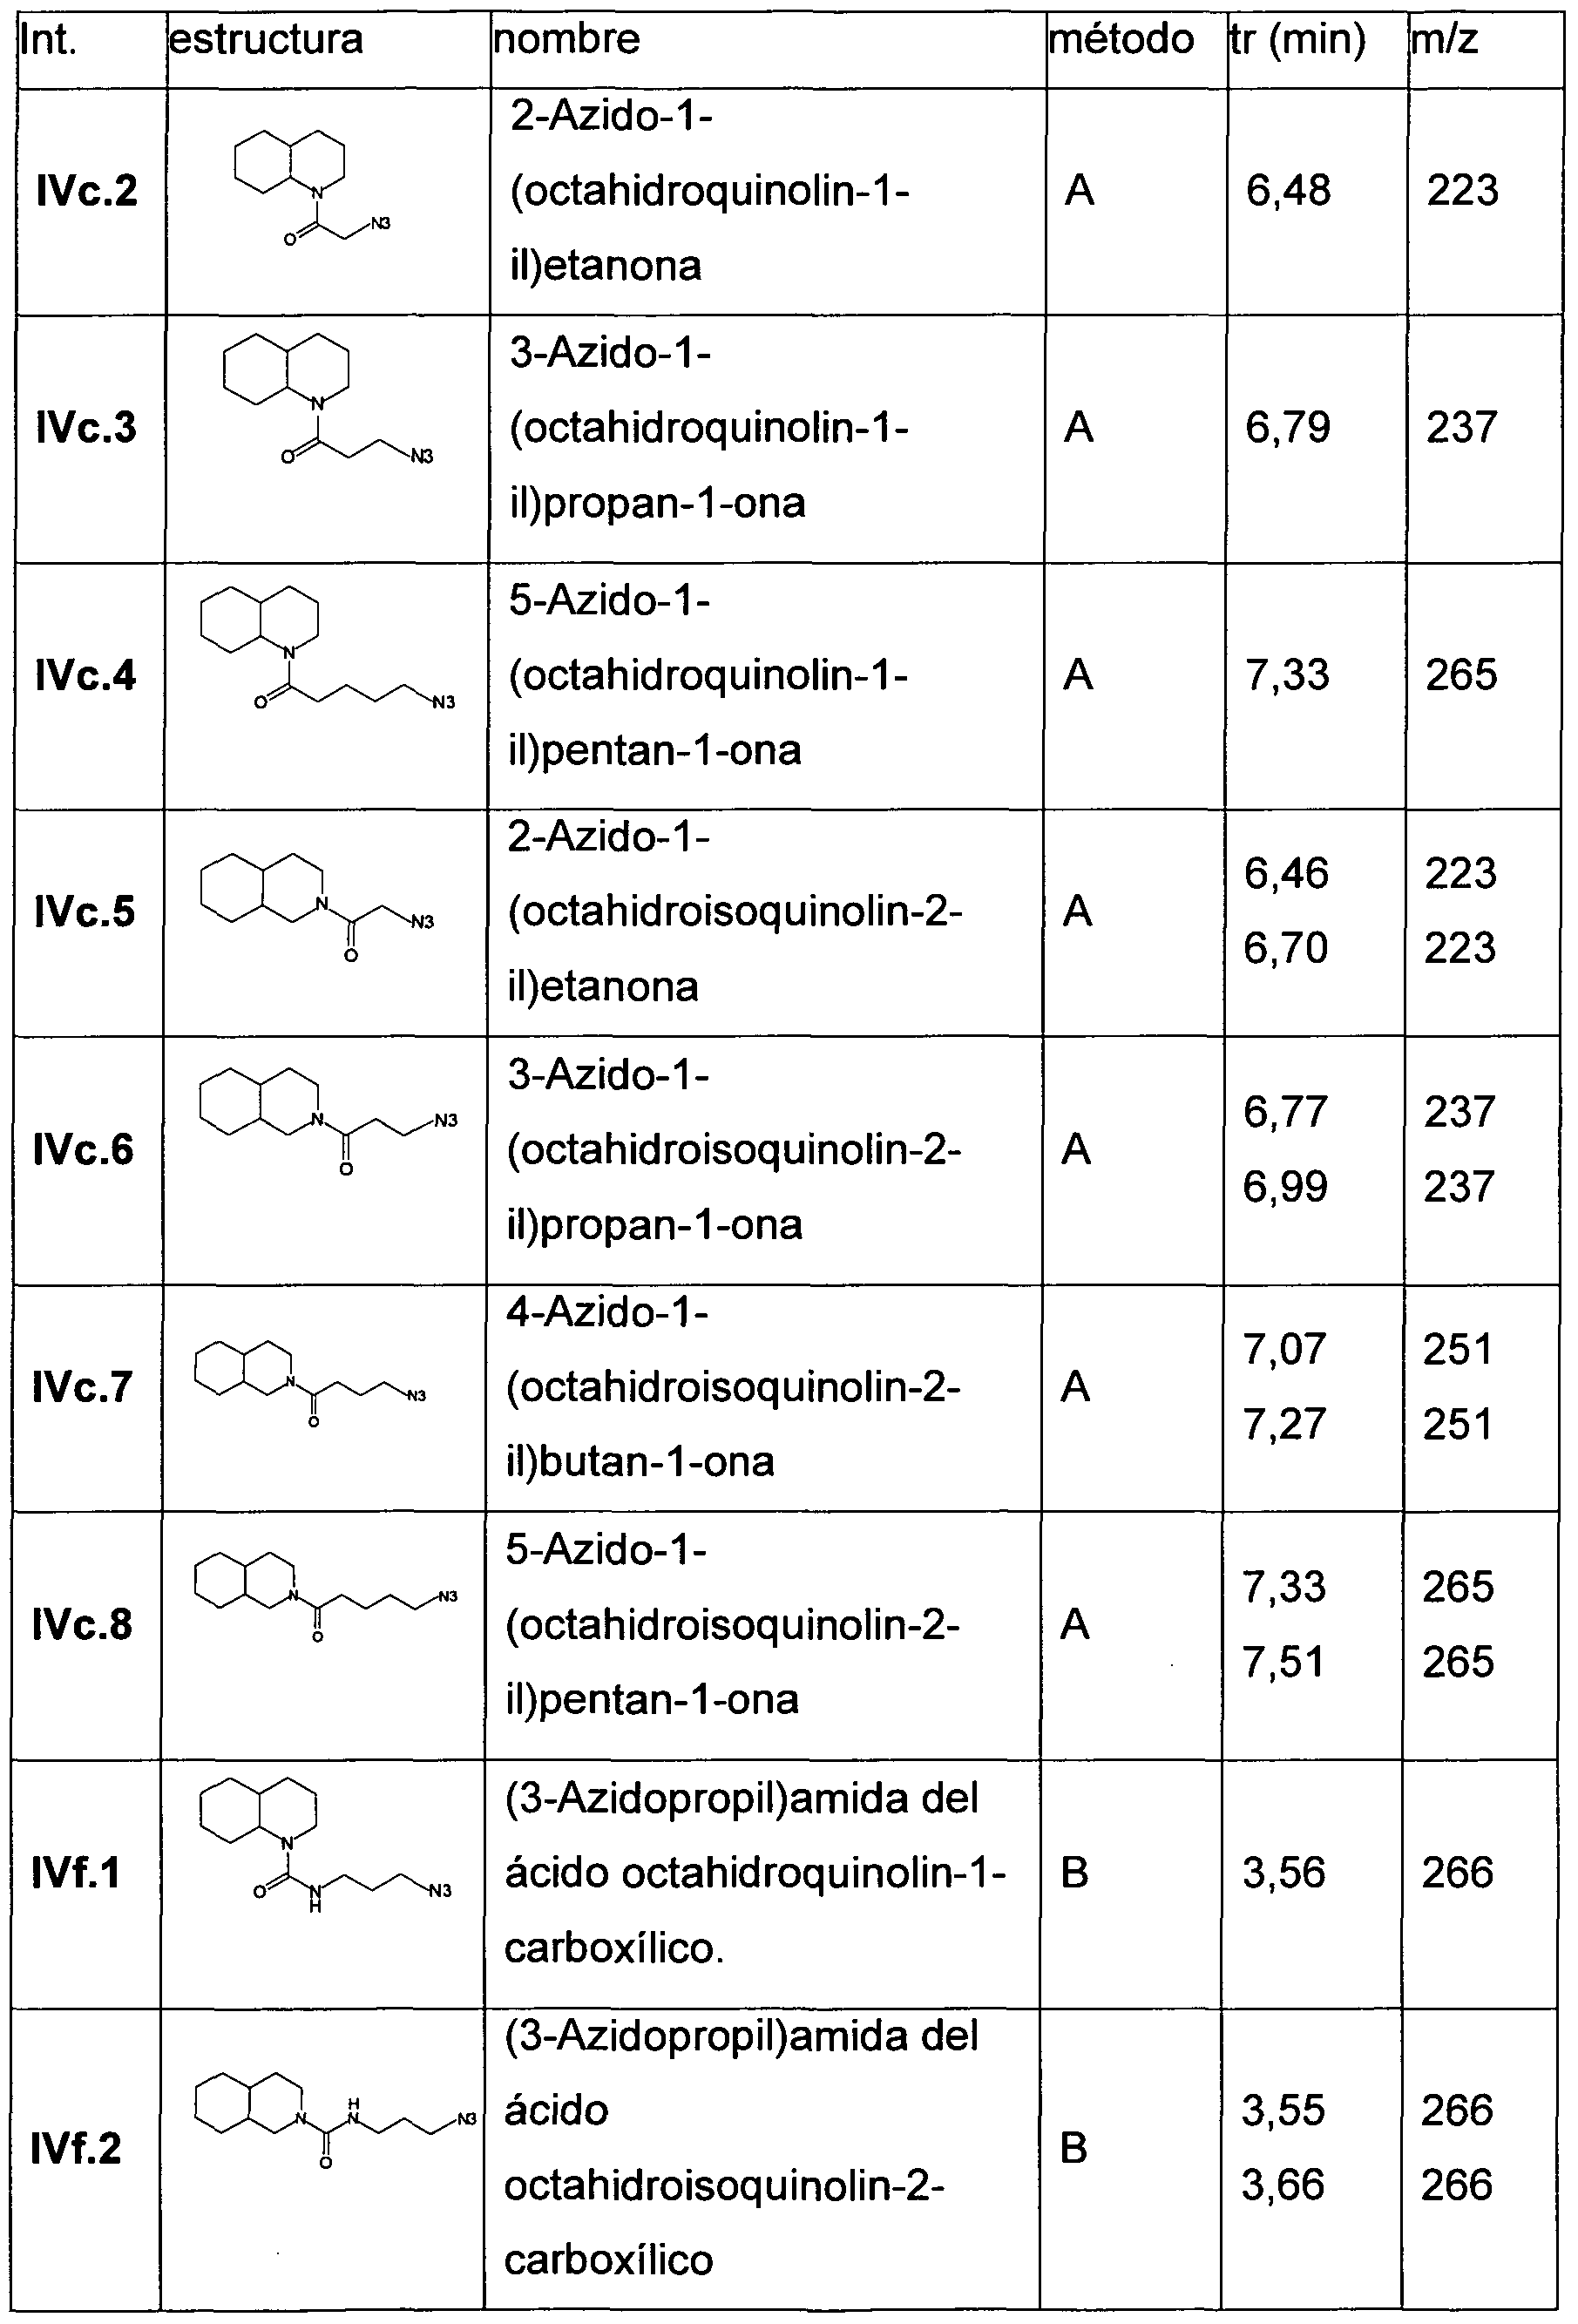 11beta hidroxiesteroide deshidrogenasa